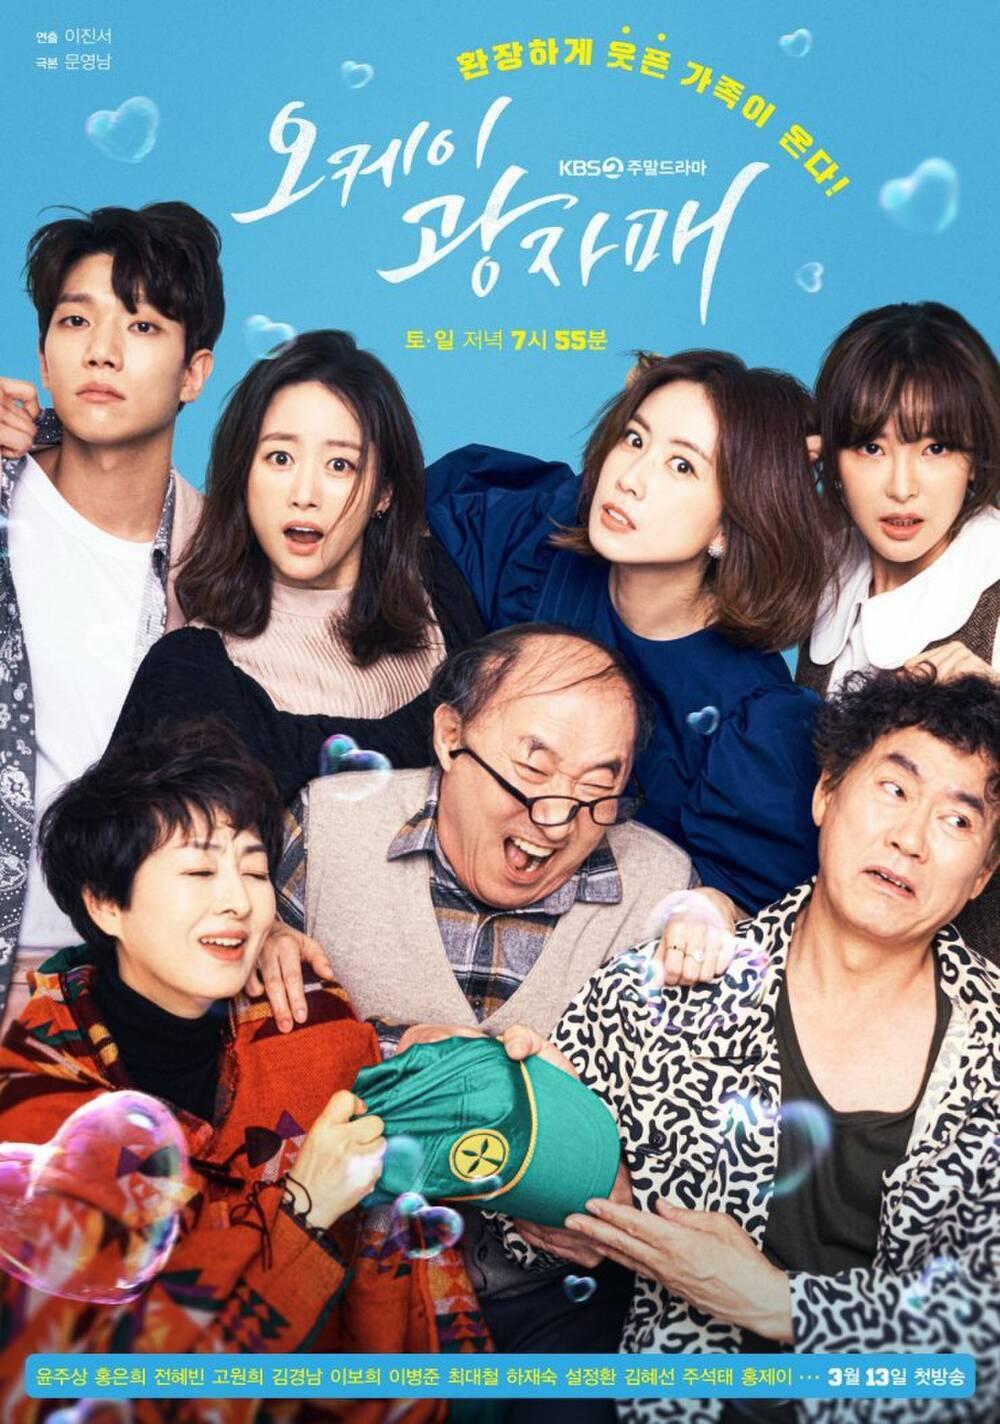 Phim truyền hình Hàn Quốc tháng 3: Đa dạng thể loại, từ lãng mạn, hài hước đến kinh dị Ảnh 7